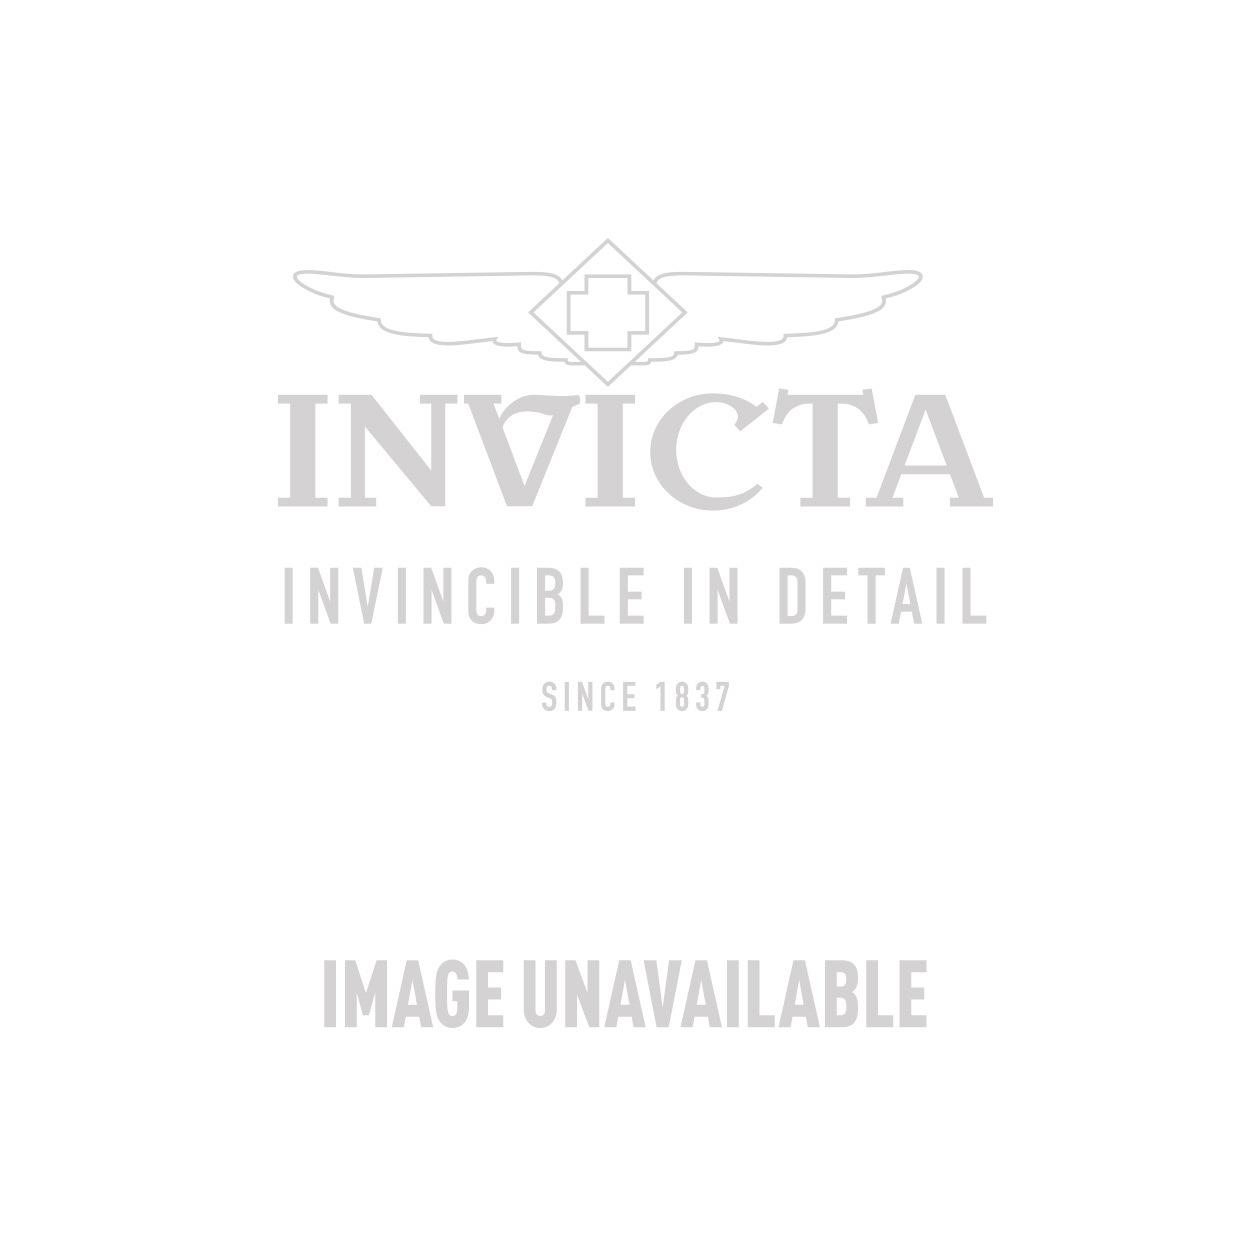 Invicta Model 25125